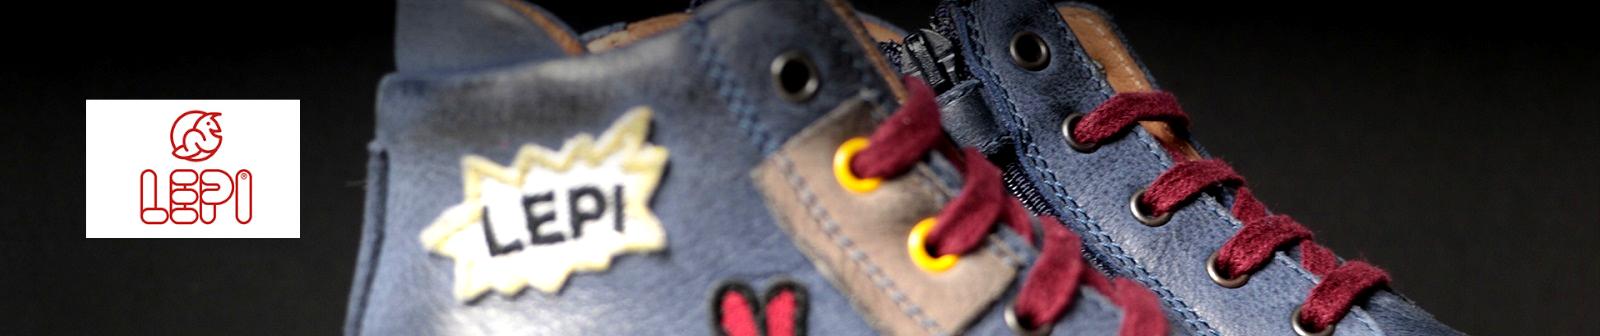 Lepi Markenschuhe online entdecken im Juppen Schuhe Shop